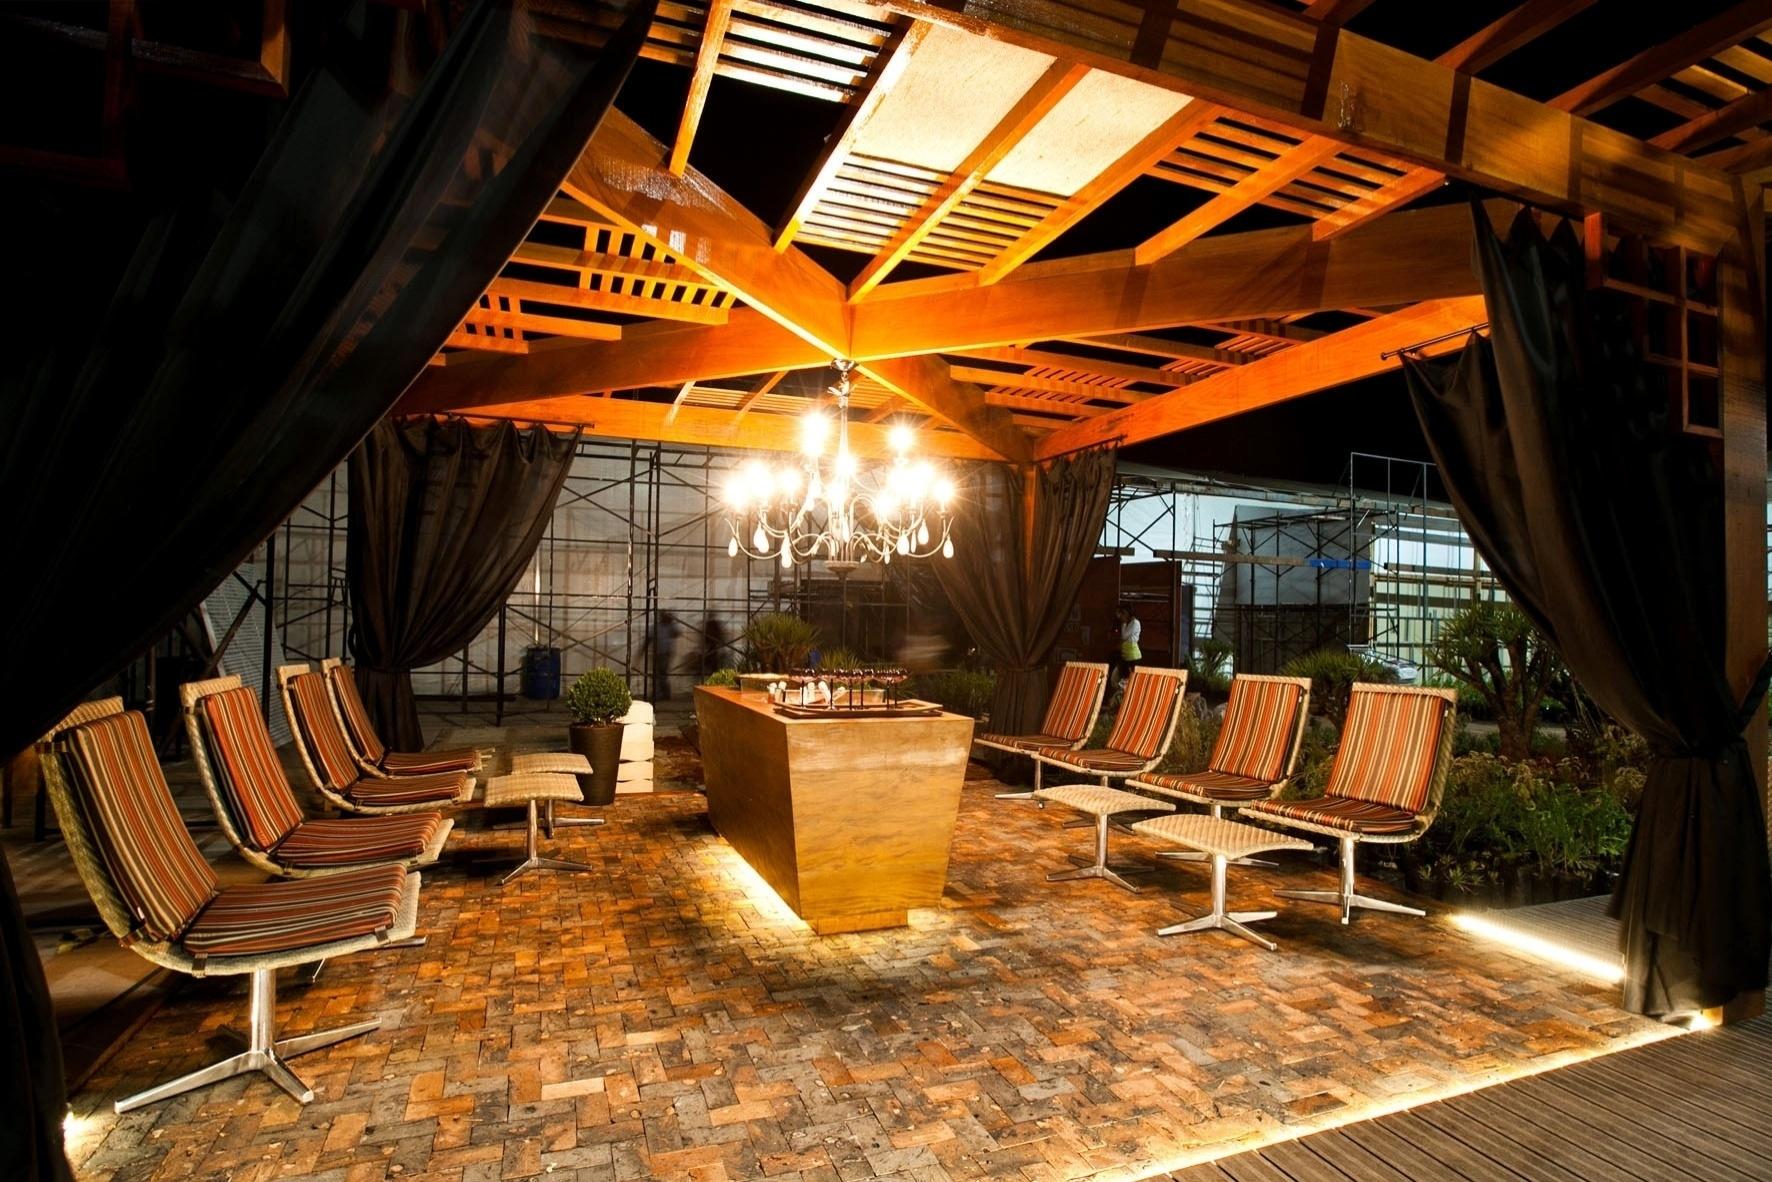 A arquiteta e designer de interiores Valéria Alves desenvolveu o Terraço do Encontro, que sob seu pergolado, reserva uma champanheira abundantemente iluminada pelo lustre candelabro. A Casa Cor MG fica em cartaz até 16 de outubro de 2012, em Belo Horizonte